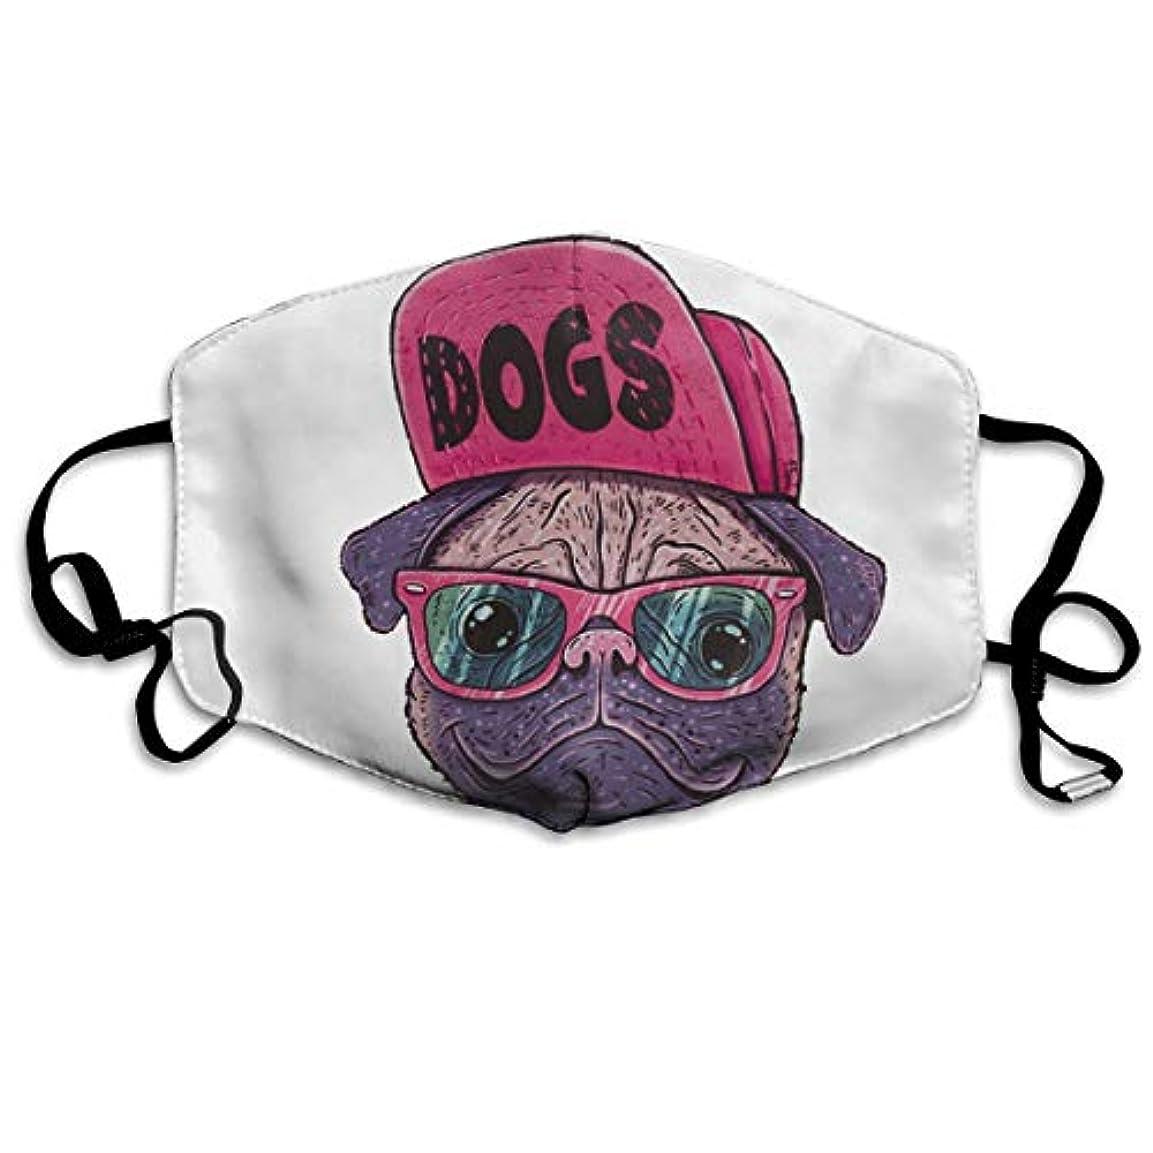 聖職者骨の折れる慰め一の楽 マスク夏用 風邪 花粉症対策 繰り返し使用可能 洗える おしゃれ 男女兼用 犬 帽子